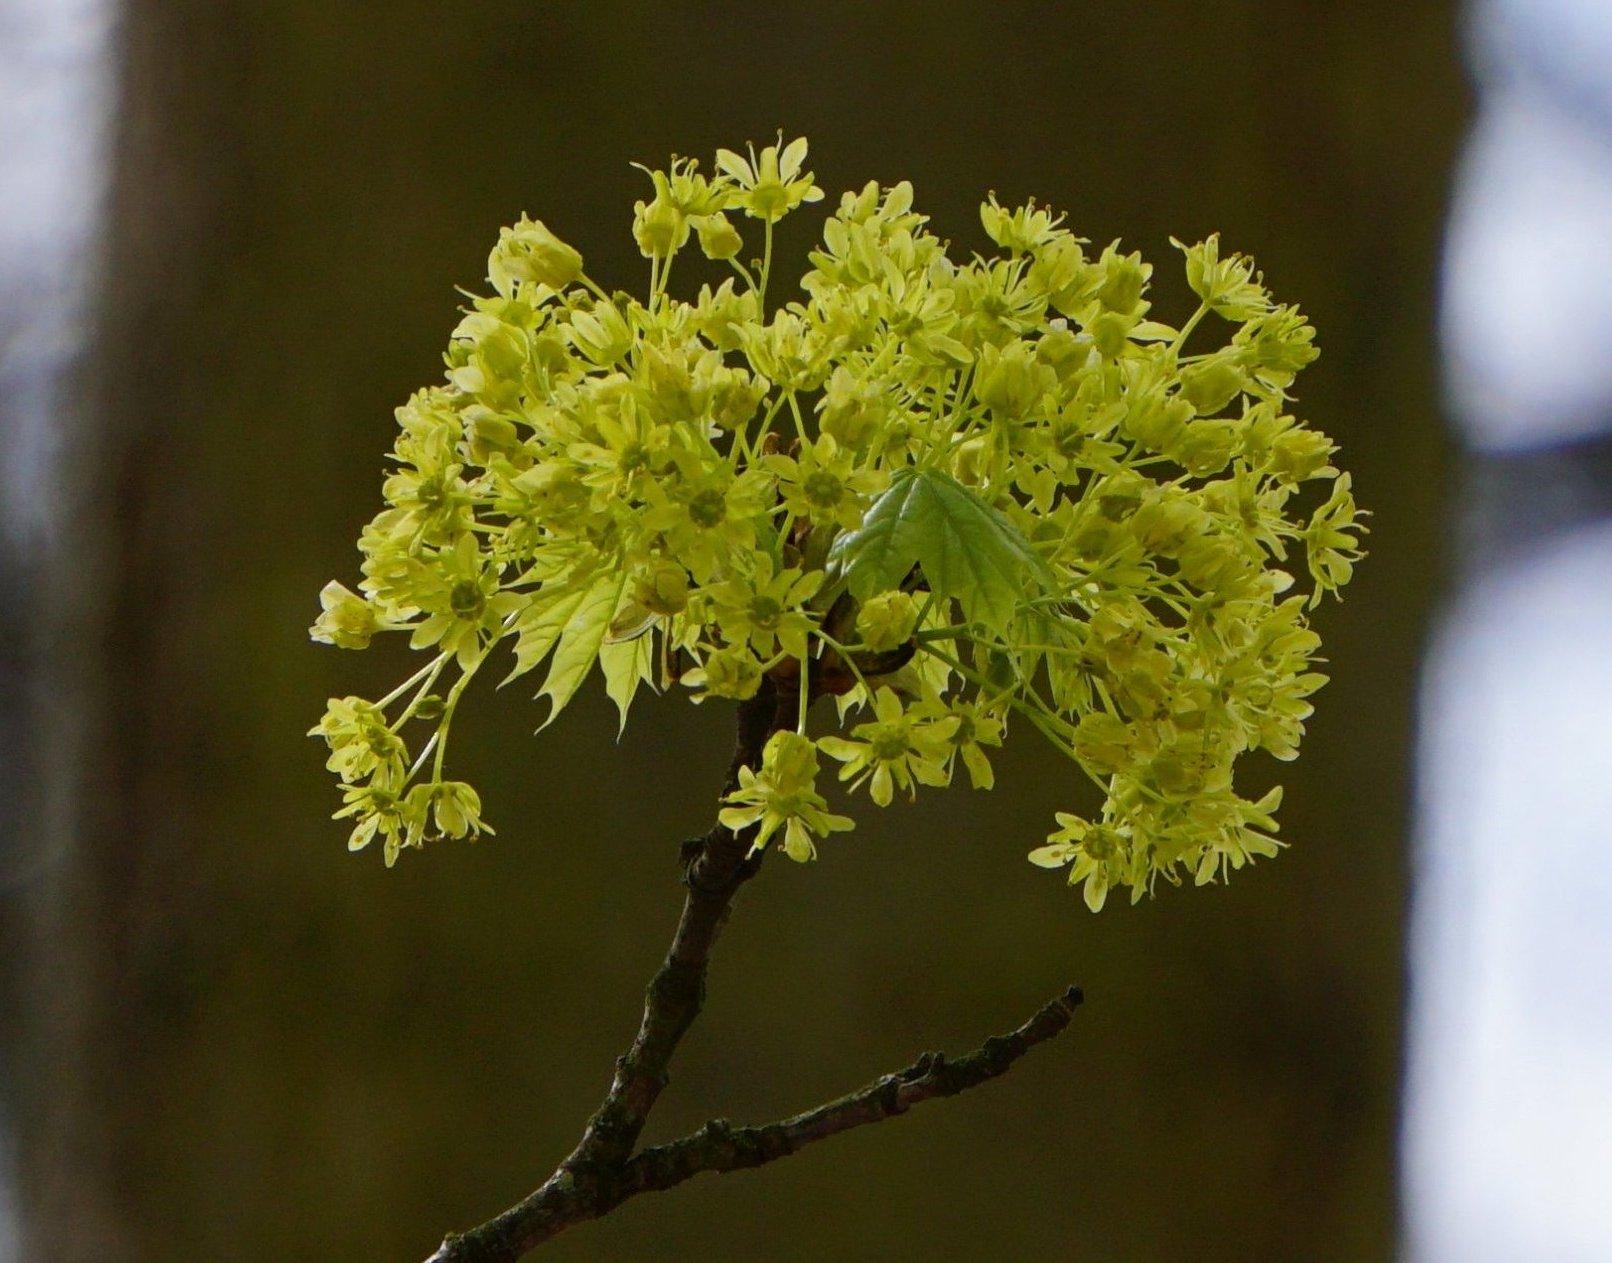 Das Bild zeigt die aufwärts gerichtete Blütenrispe des Spitz-Ahorns, die bei idealer Ausbildung halbkugelige Gestalten annimmt. Die Blütenrispe des später blühenden Berg-Ahorns ist dagegen länglich-traubenartig und hängend.